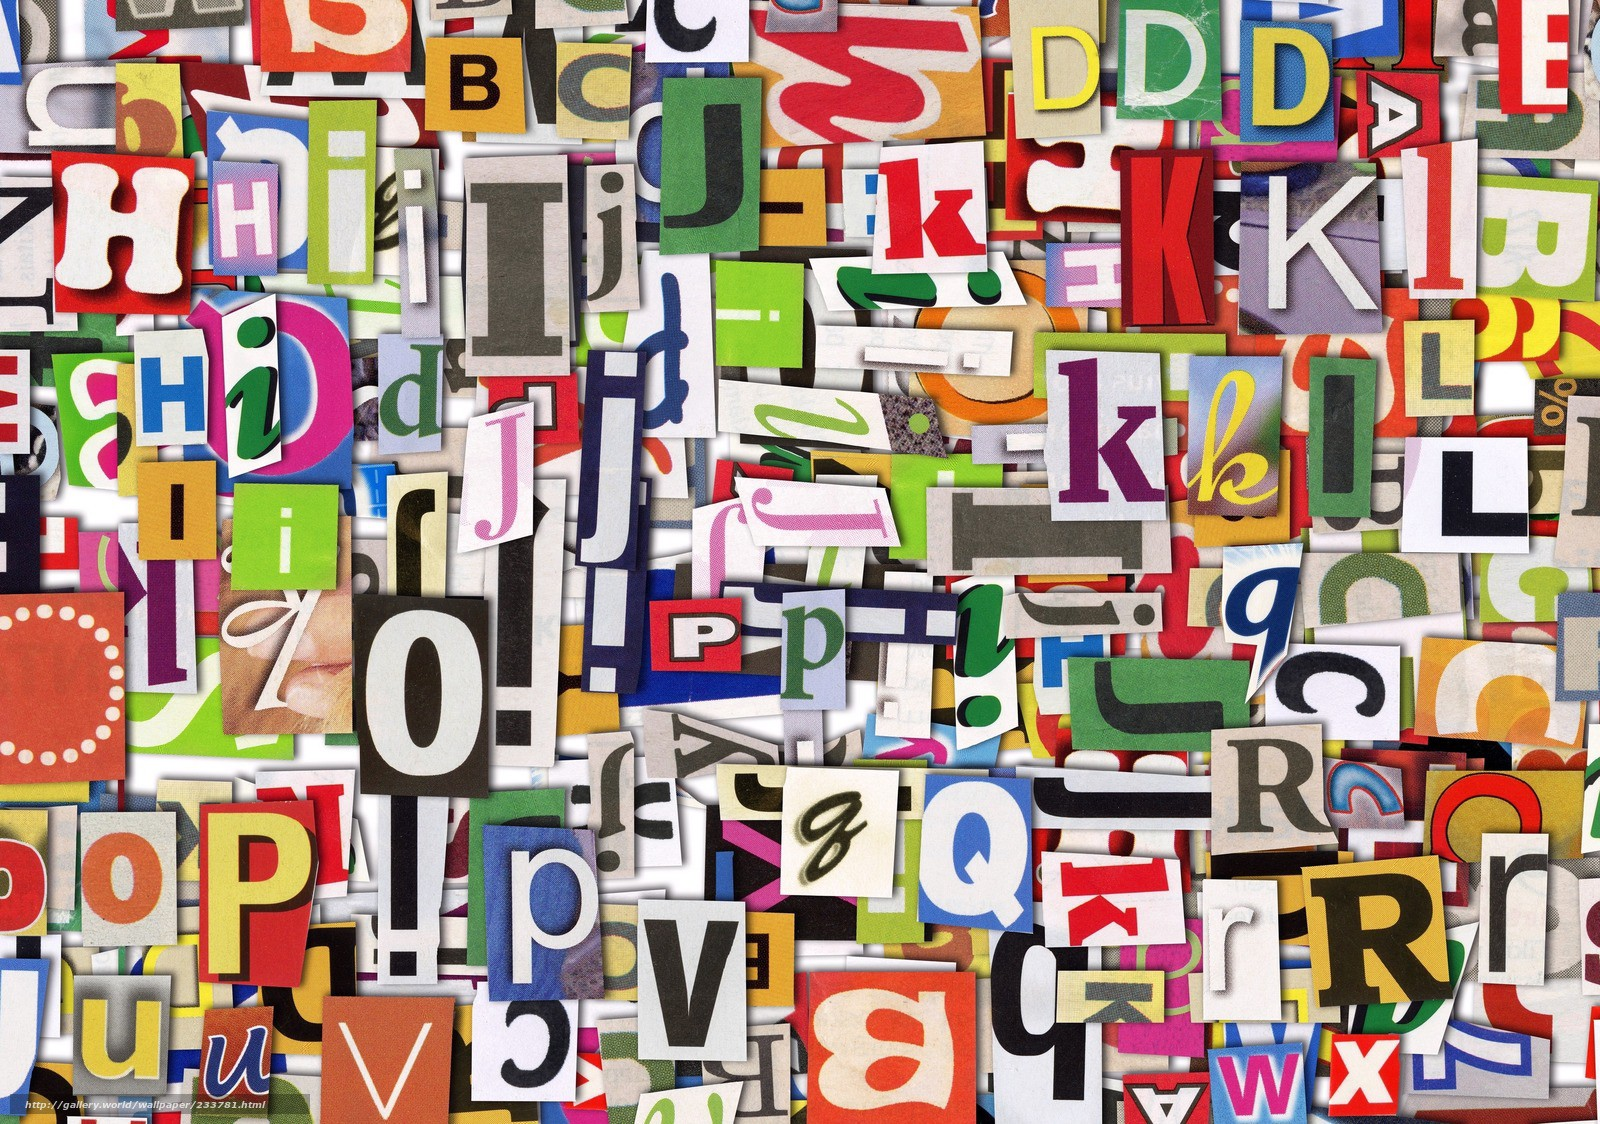 Imagem de várias letras e palavras simbolizando diversos idiomas